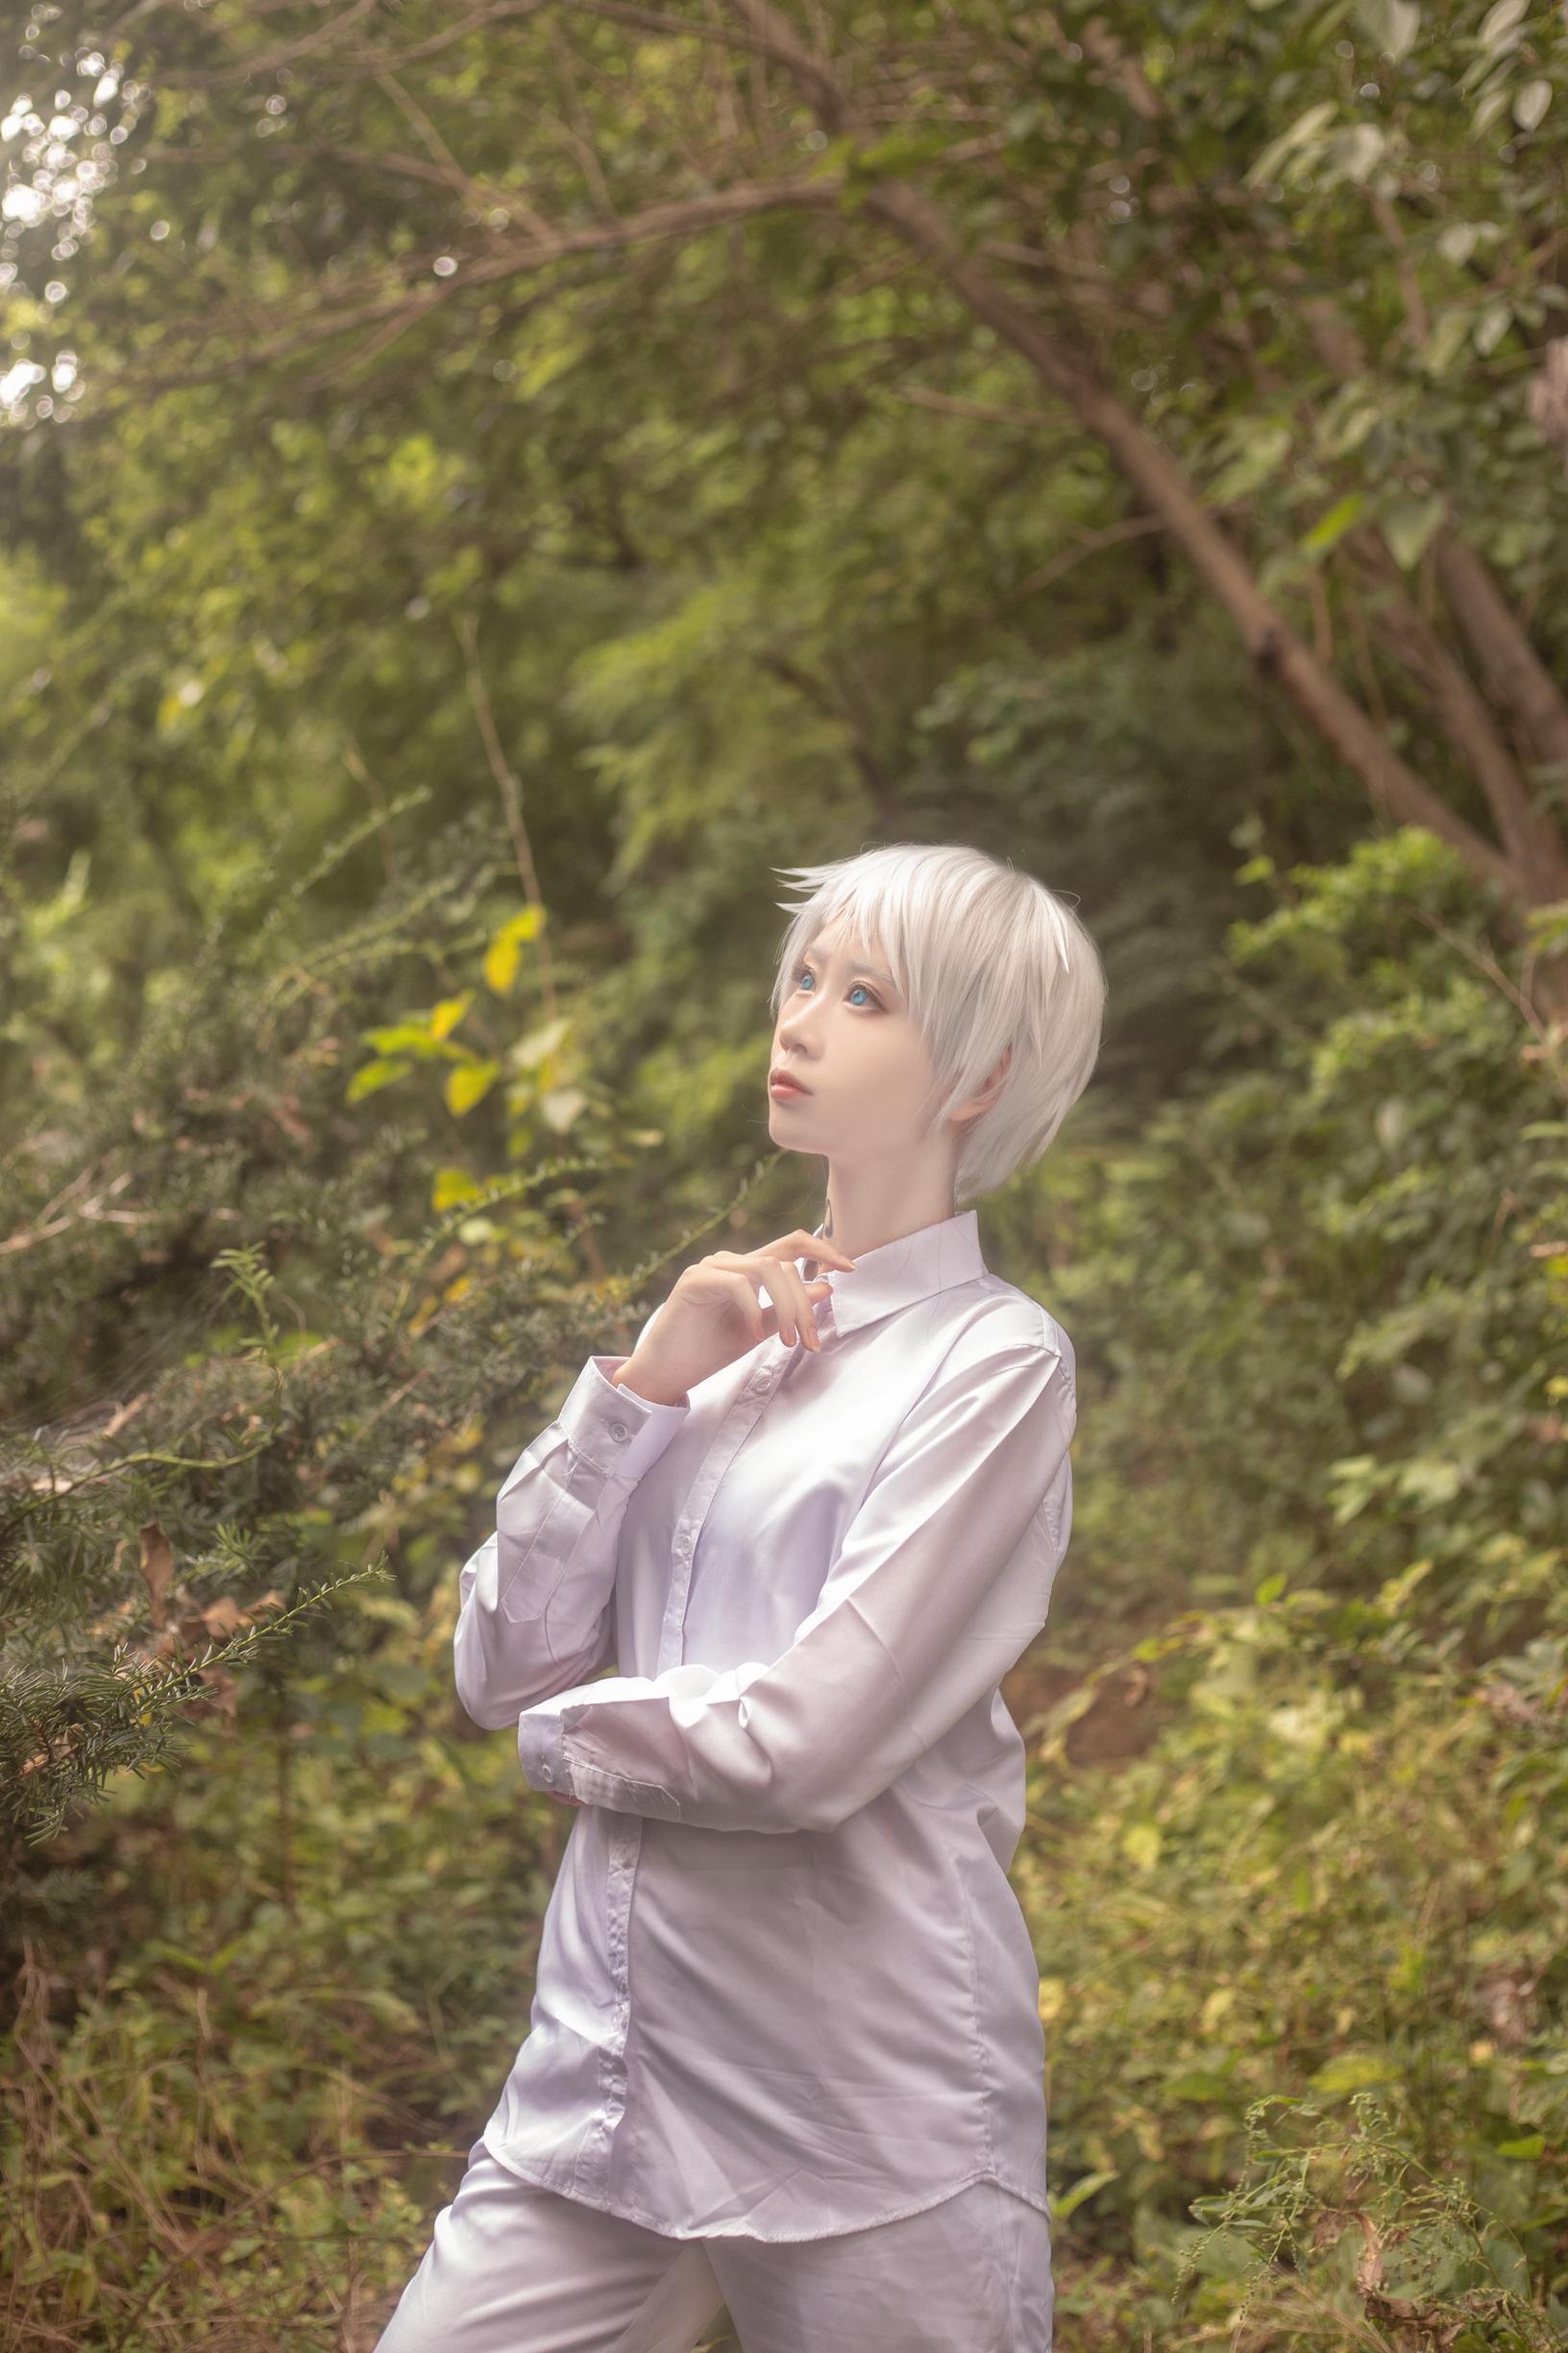 《约定的梦幻岛》正片cosplay【CN:萧萧萧萧萧何】-第9张